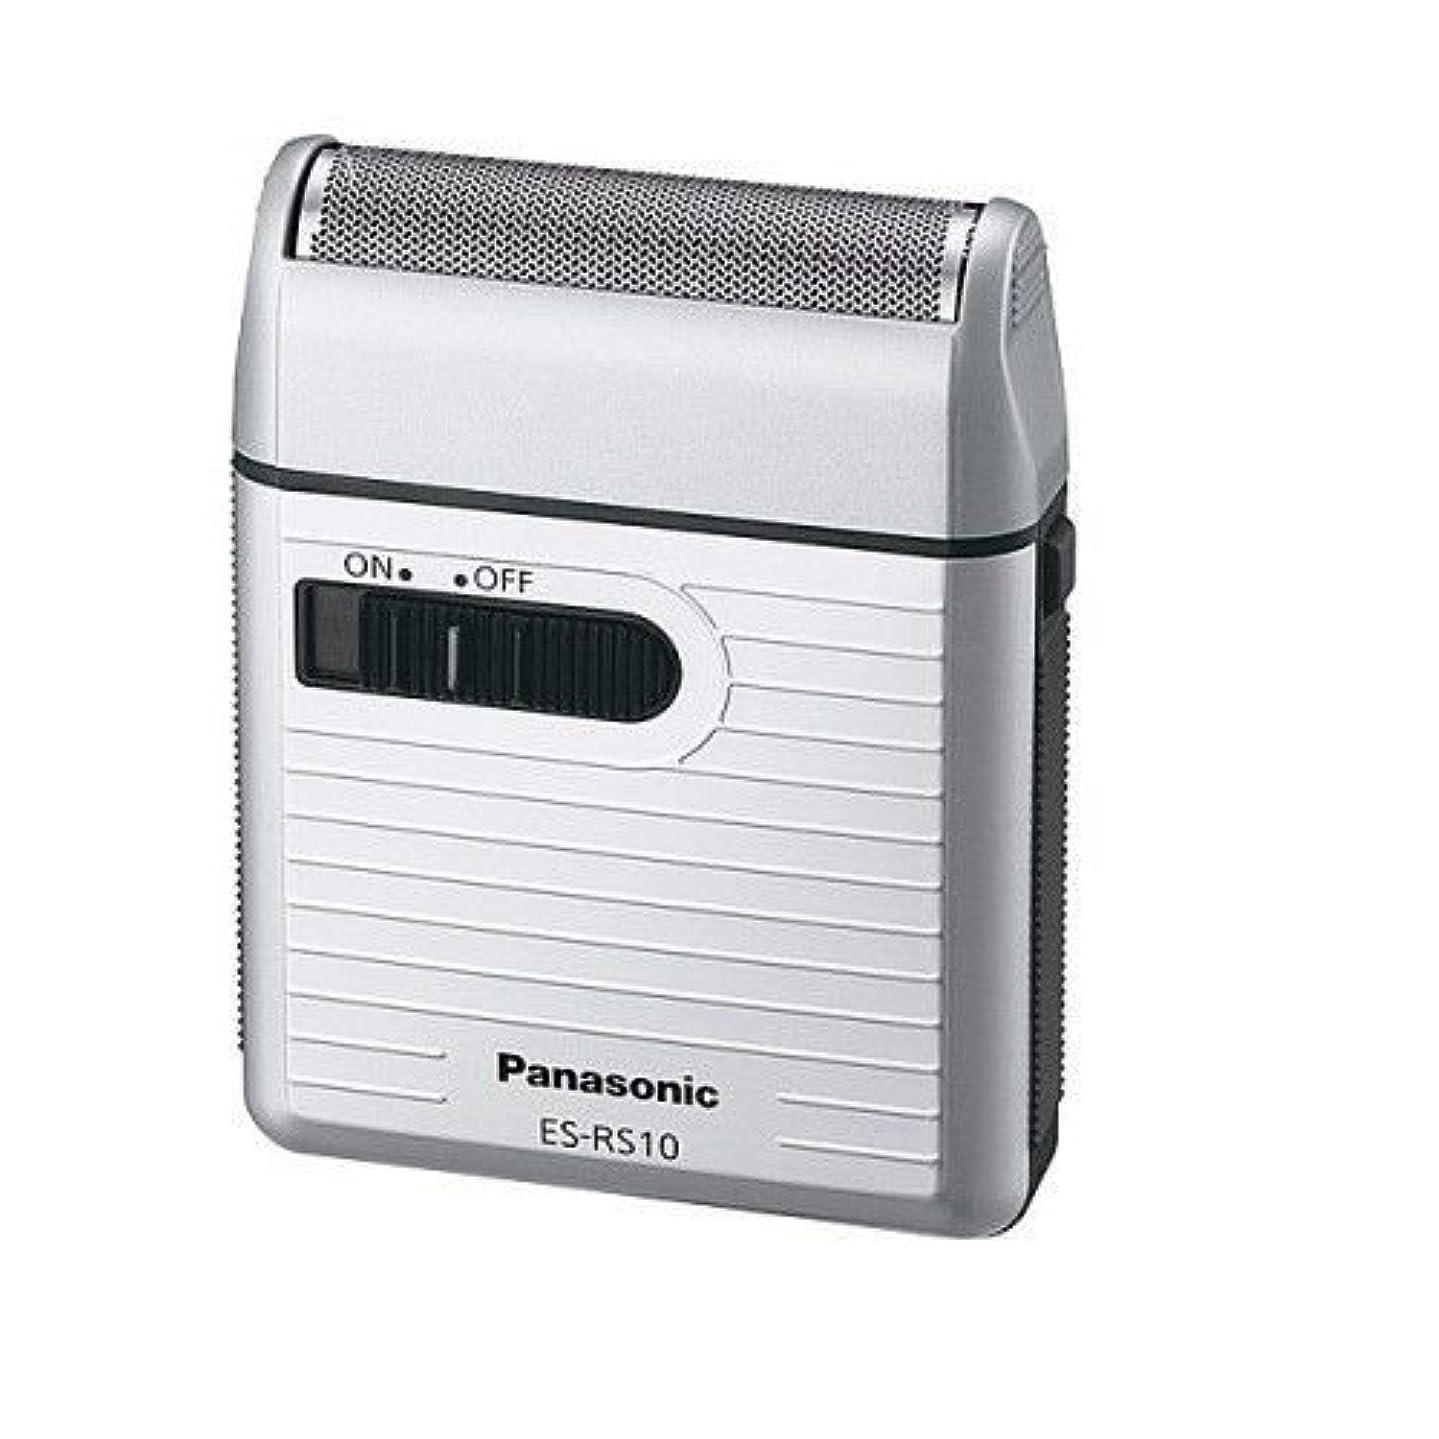 無人オリエンタル仲人Panasonic ES-RS10-S ンズポケットシェーバーシルバー ESRS10 日本製 [並行輸入品]